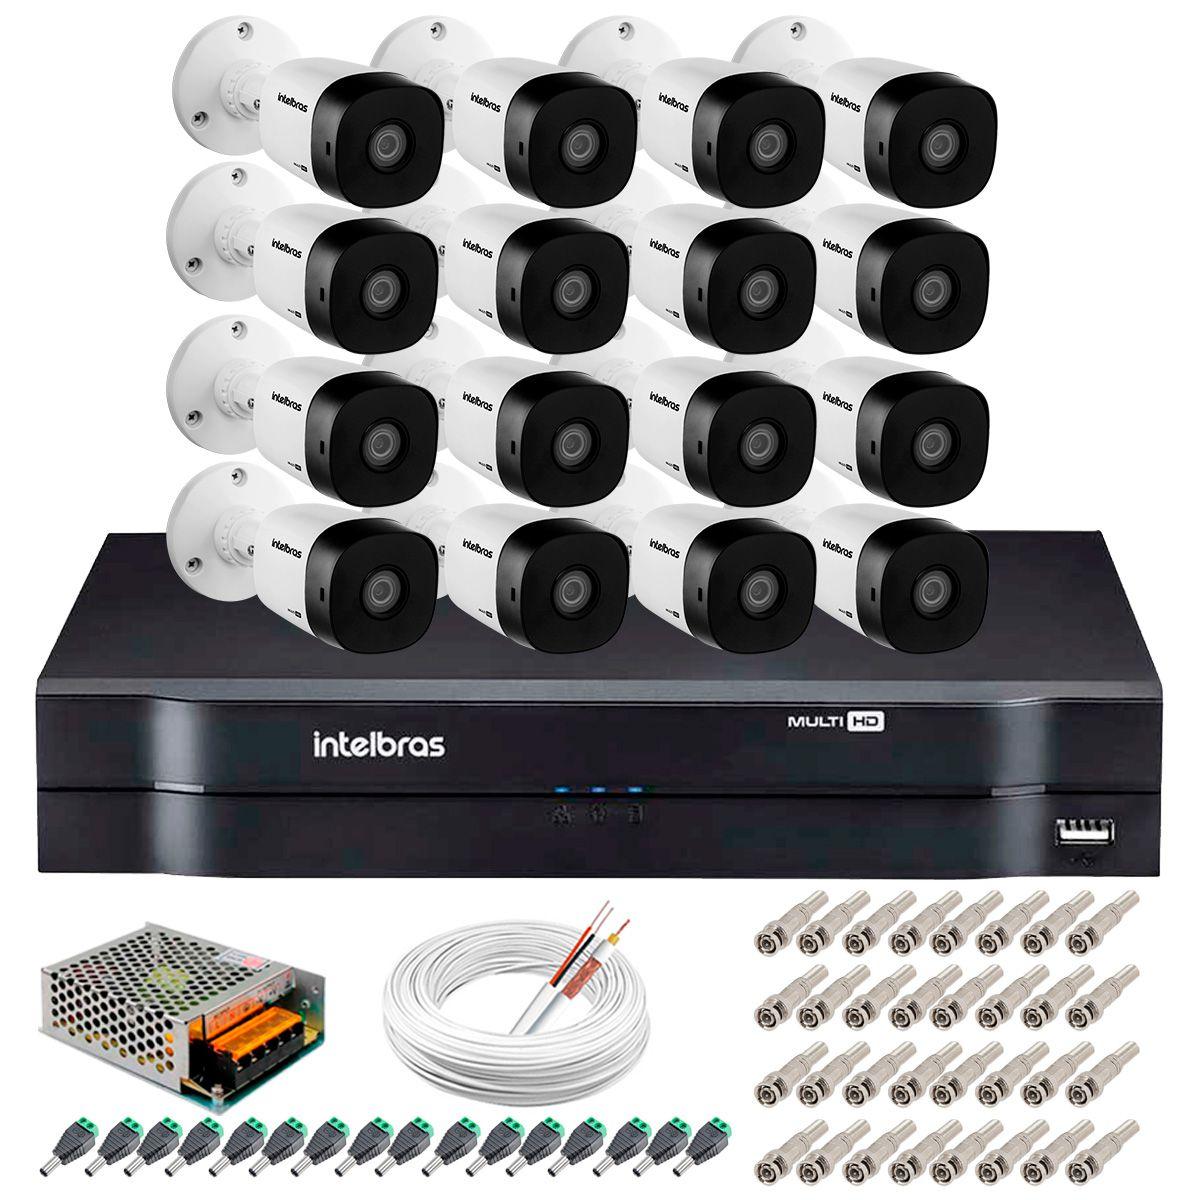 Kit 16 Câmeras VHD 1010 B G5 + DVR Intelbras + App Grátis de Monitoramento, HD 720p 10m Infravermelho + Cabos e Acessórios  - Tudo Forte